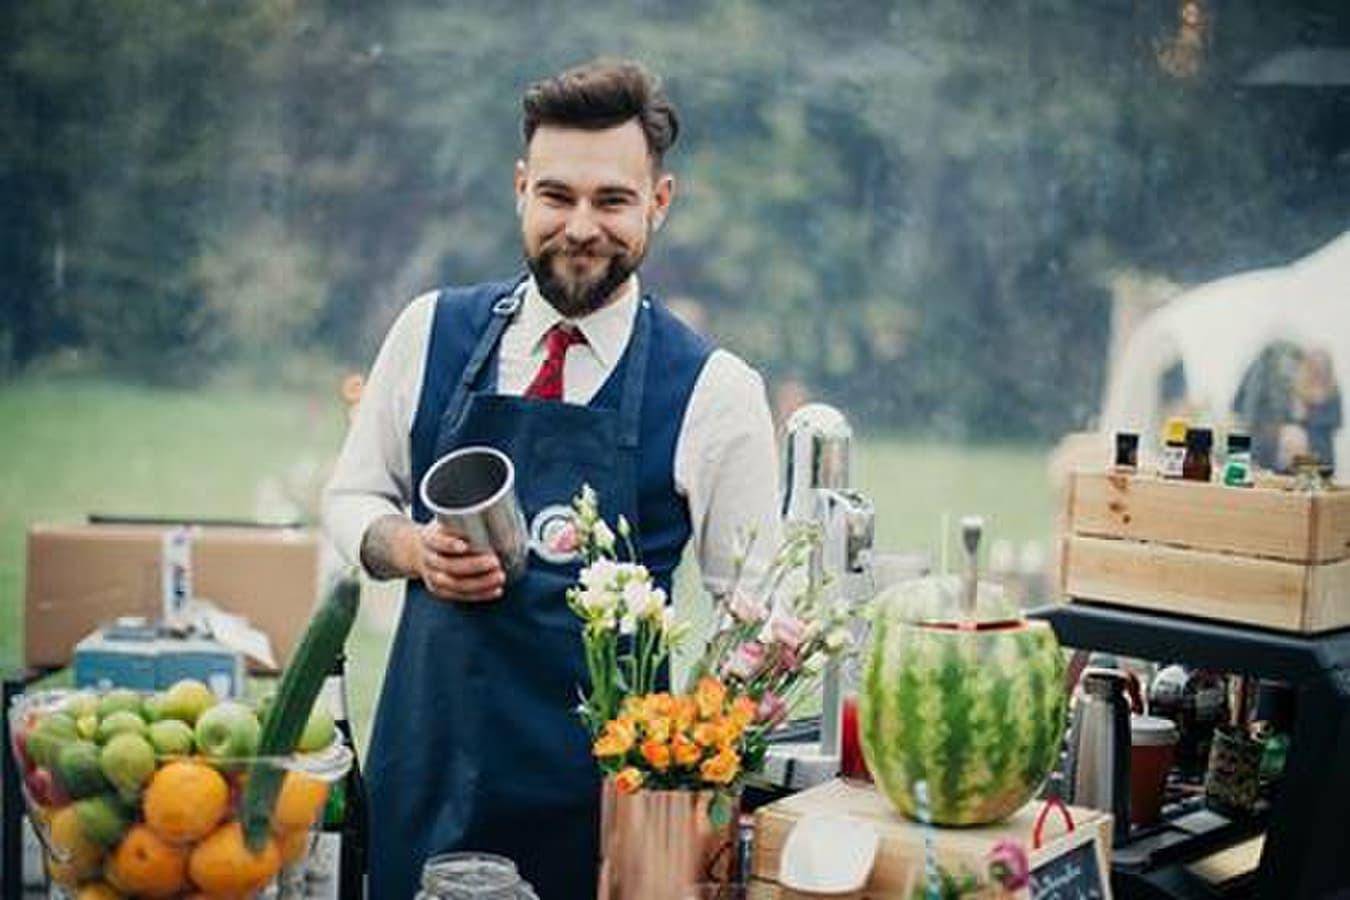 Profesionalai meistrai, ne tik gamina kokteilius, bet ir svečiui trumpai nupasakoja kas iš kur yra kilę, ir kodėl vienas ar kitas kokteilis yra būtent toks.